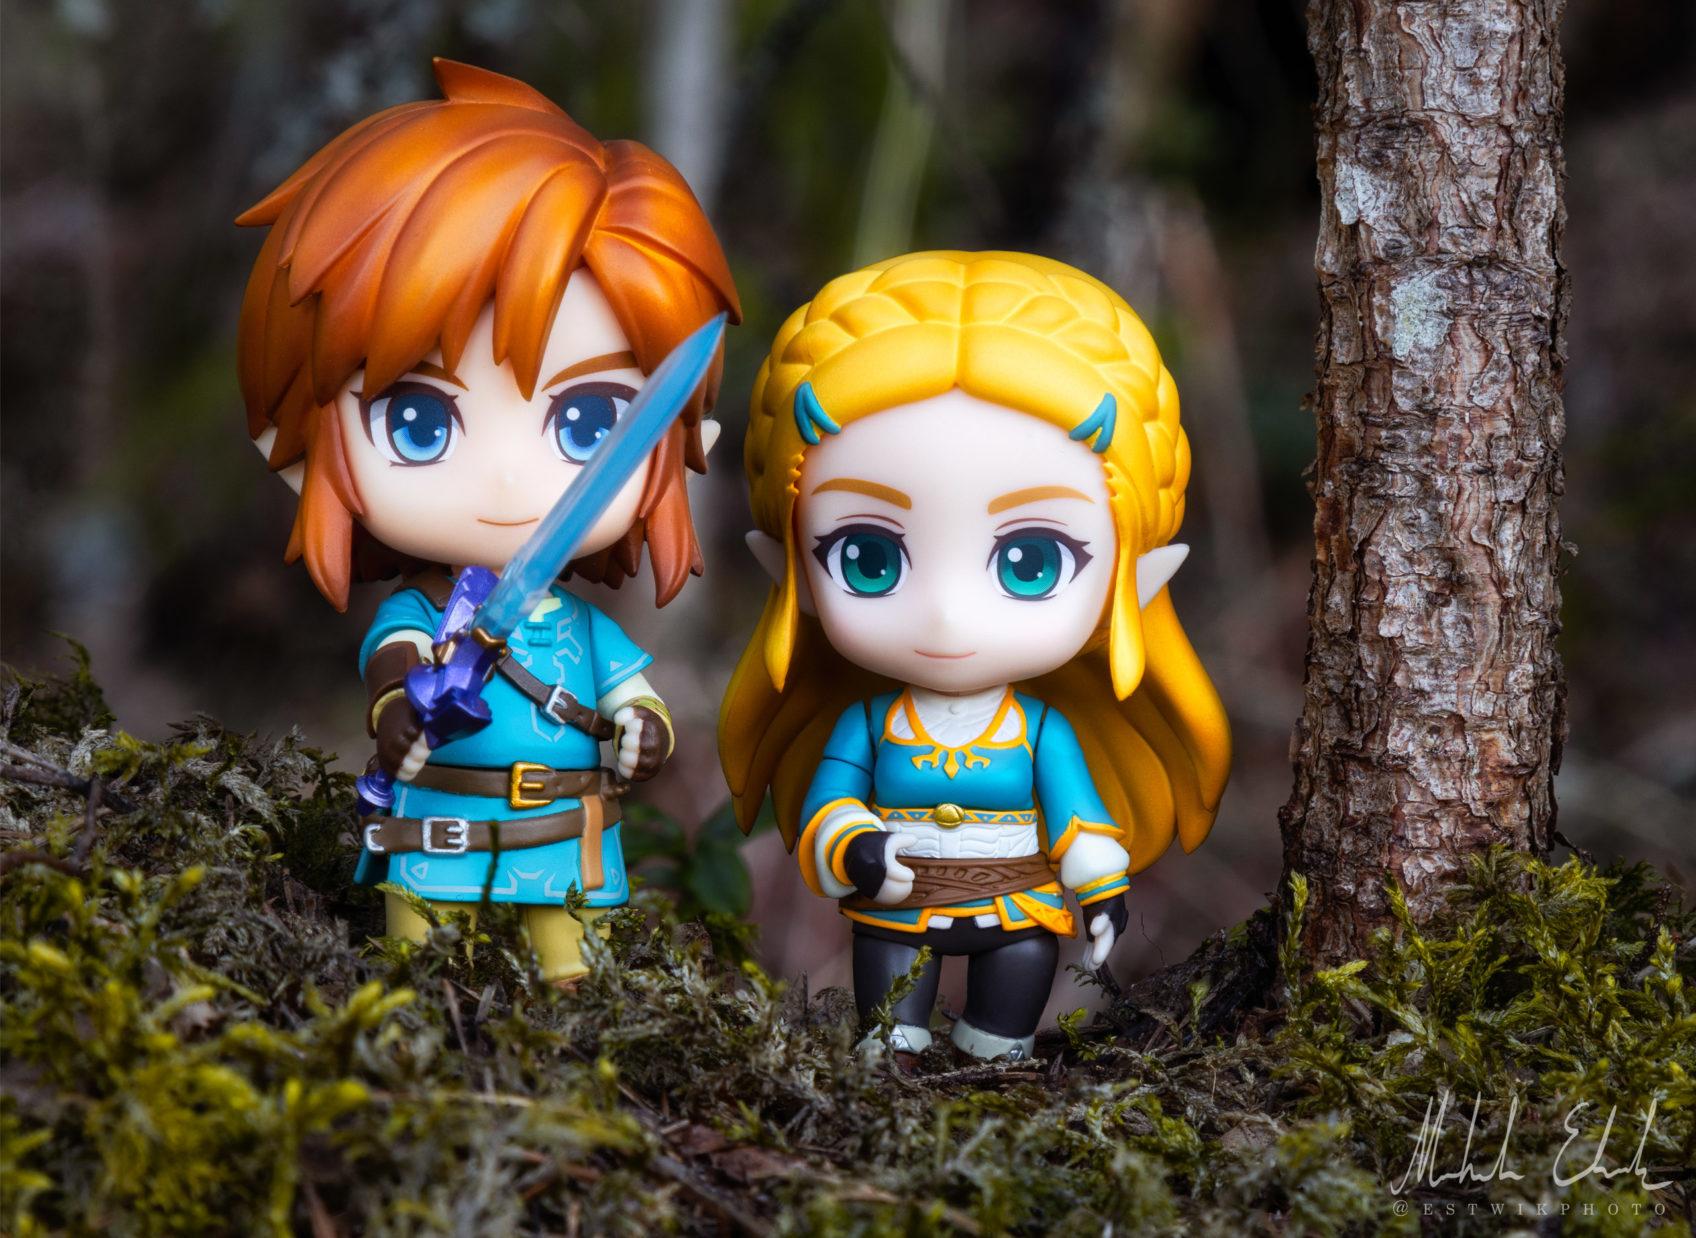 Link och Zelda